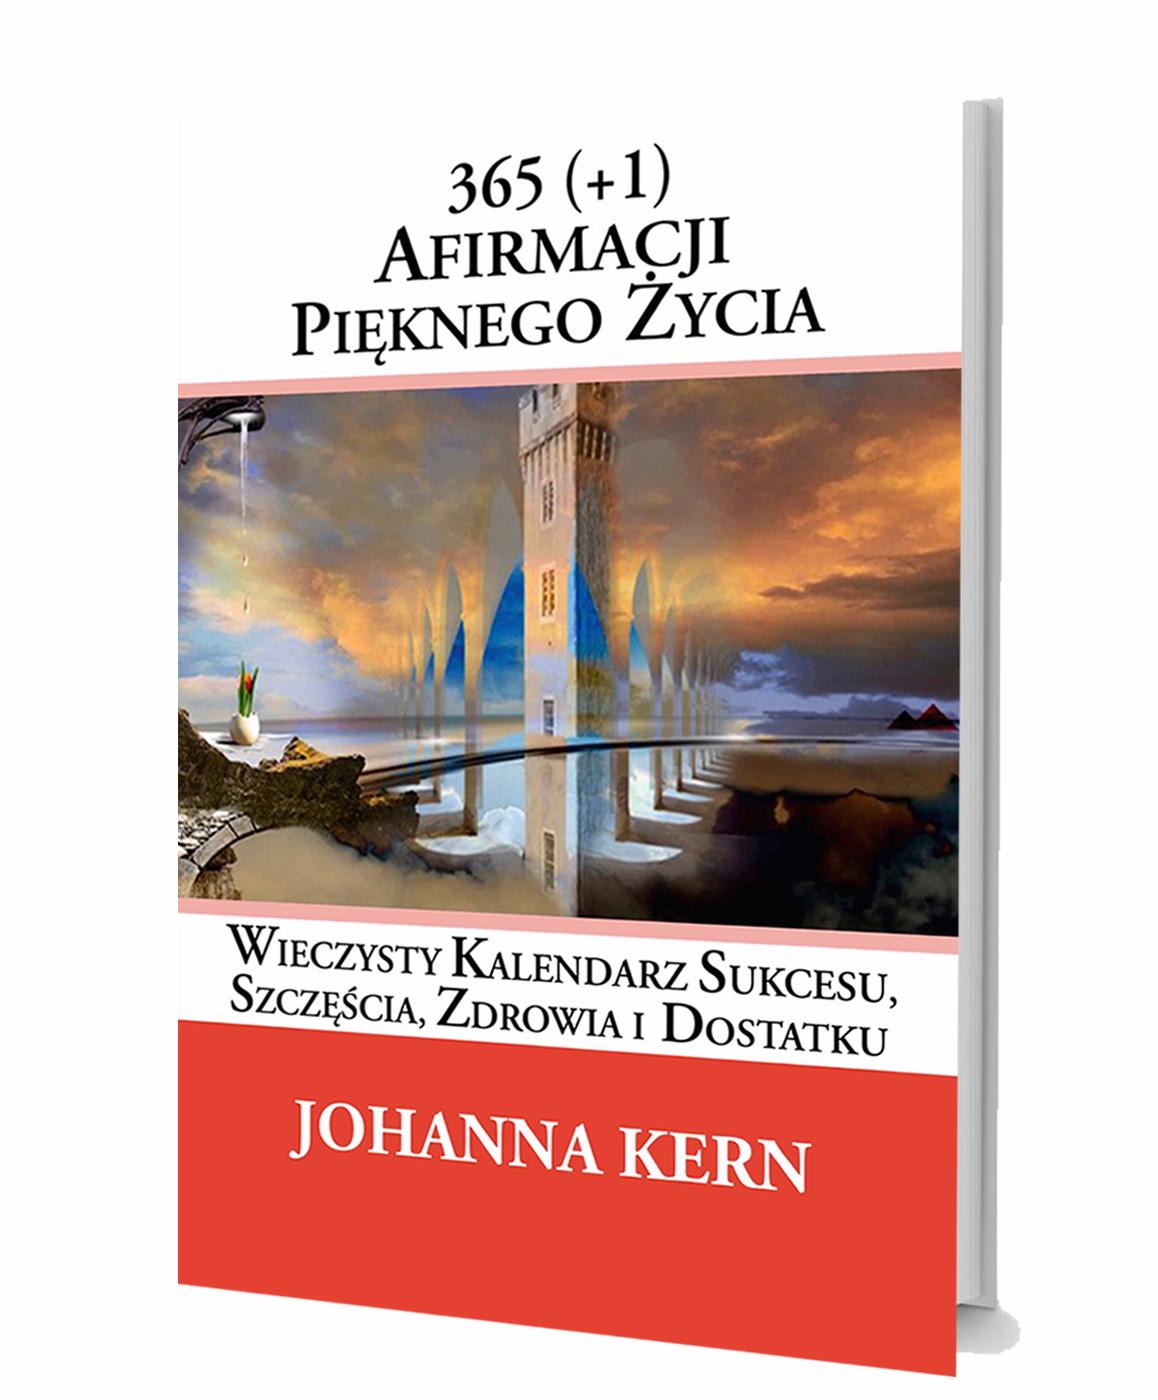 """""""365 (+1) Afirmacji Pięknego Życia"""" panorama książki"""